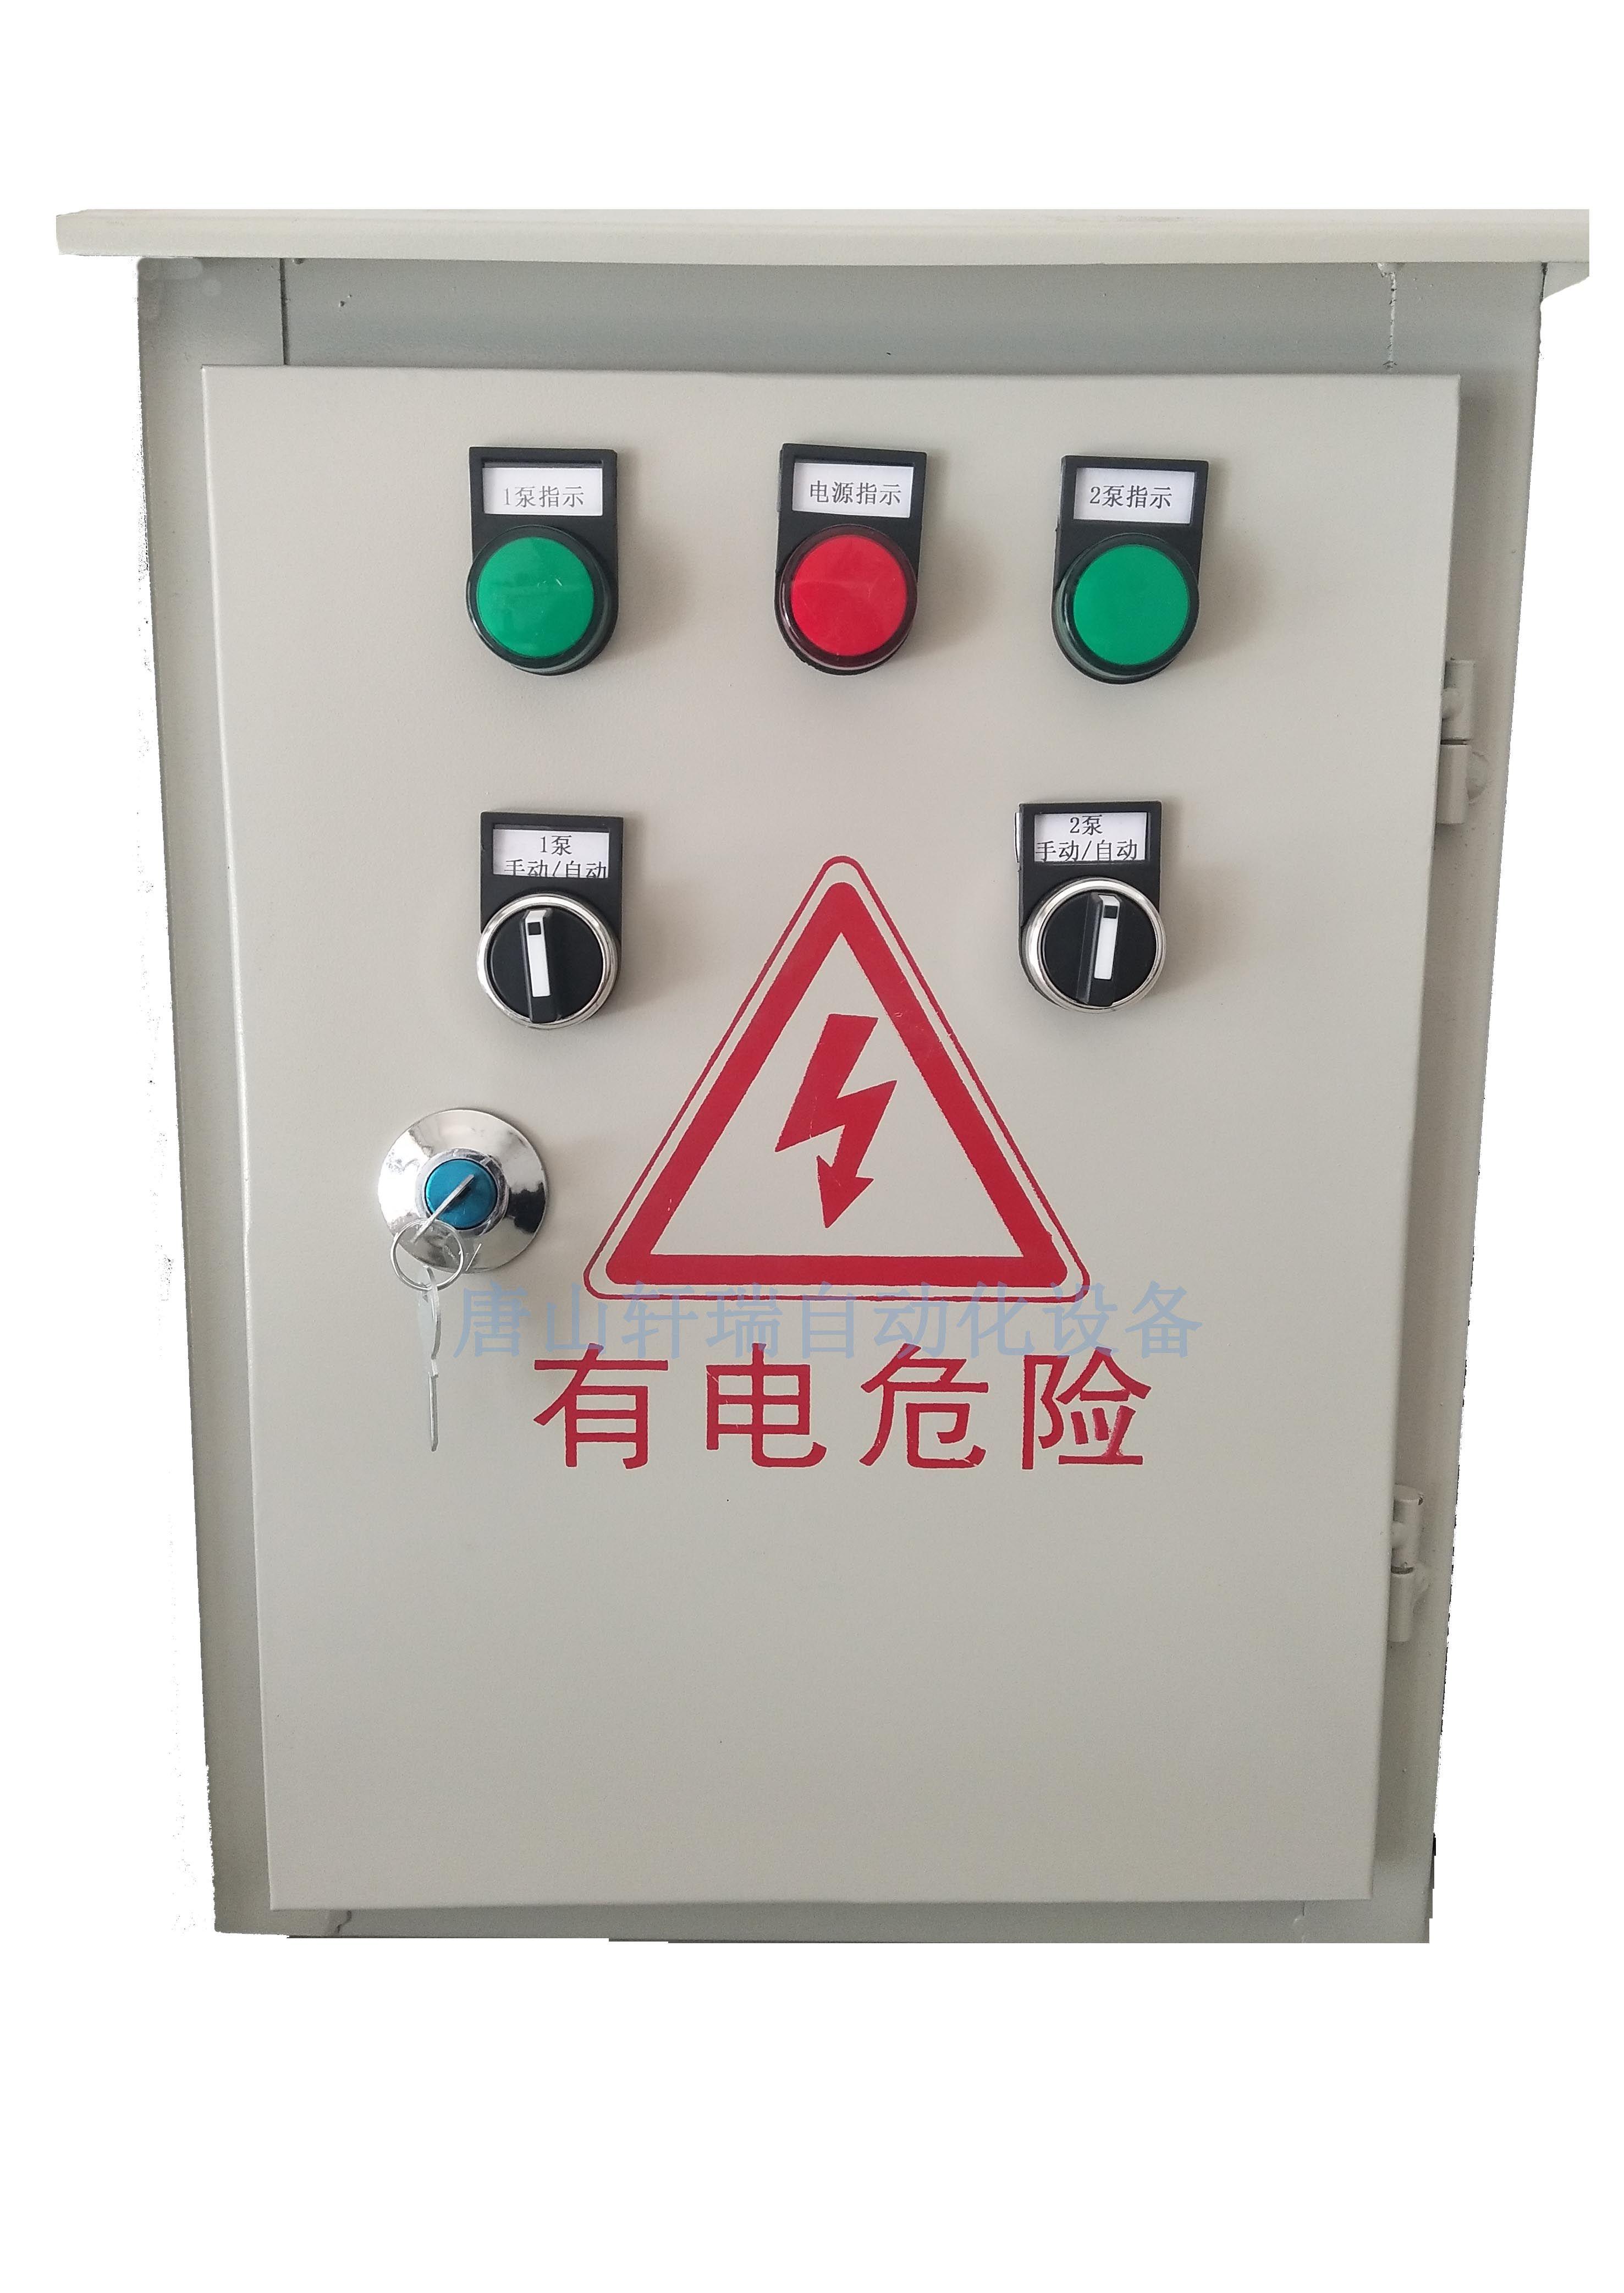 一用一备污水泵控制箱